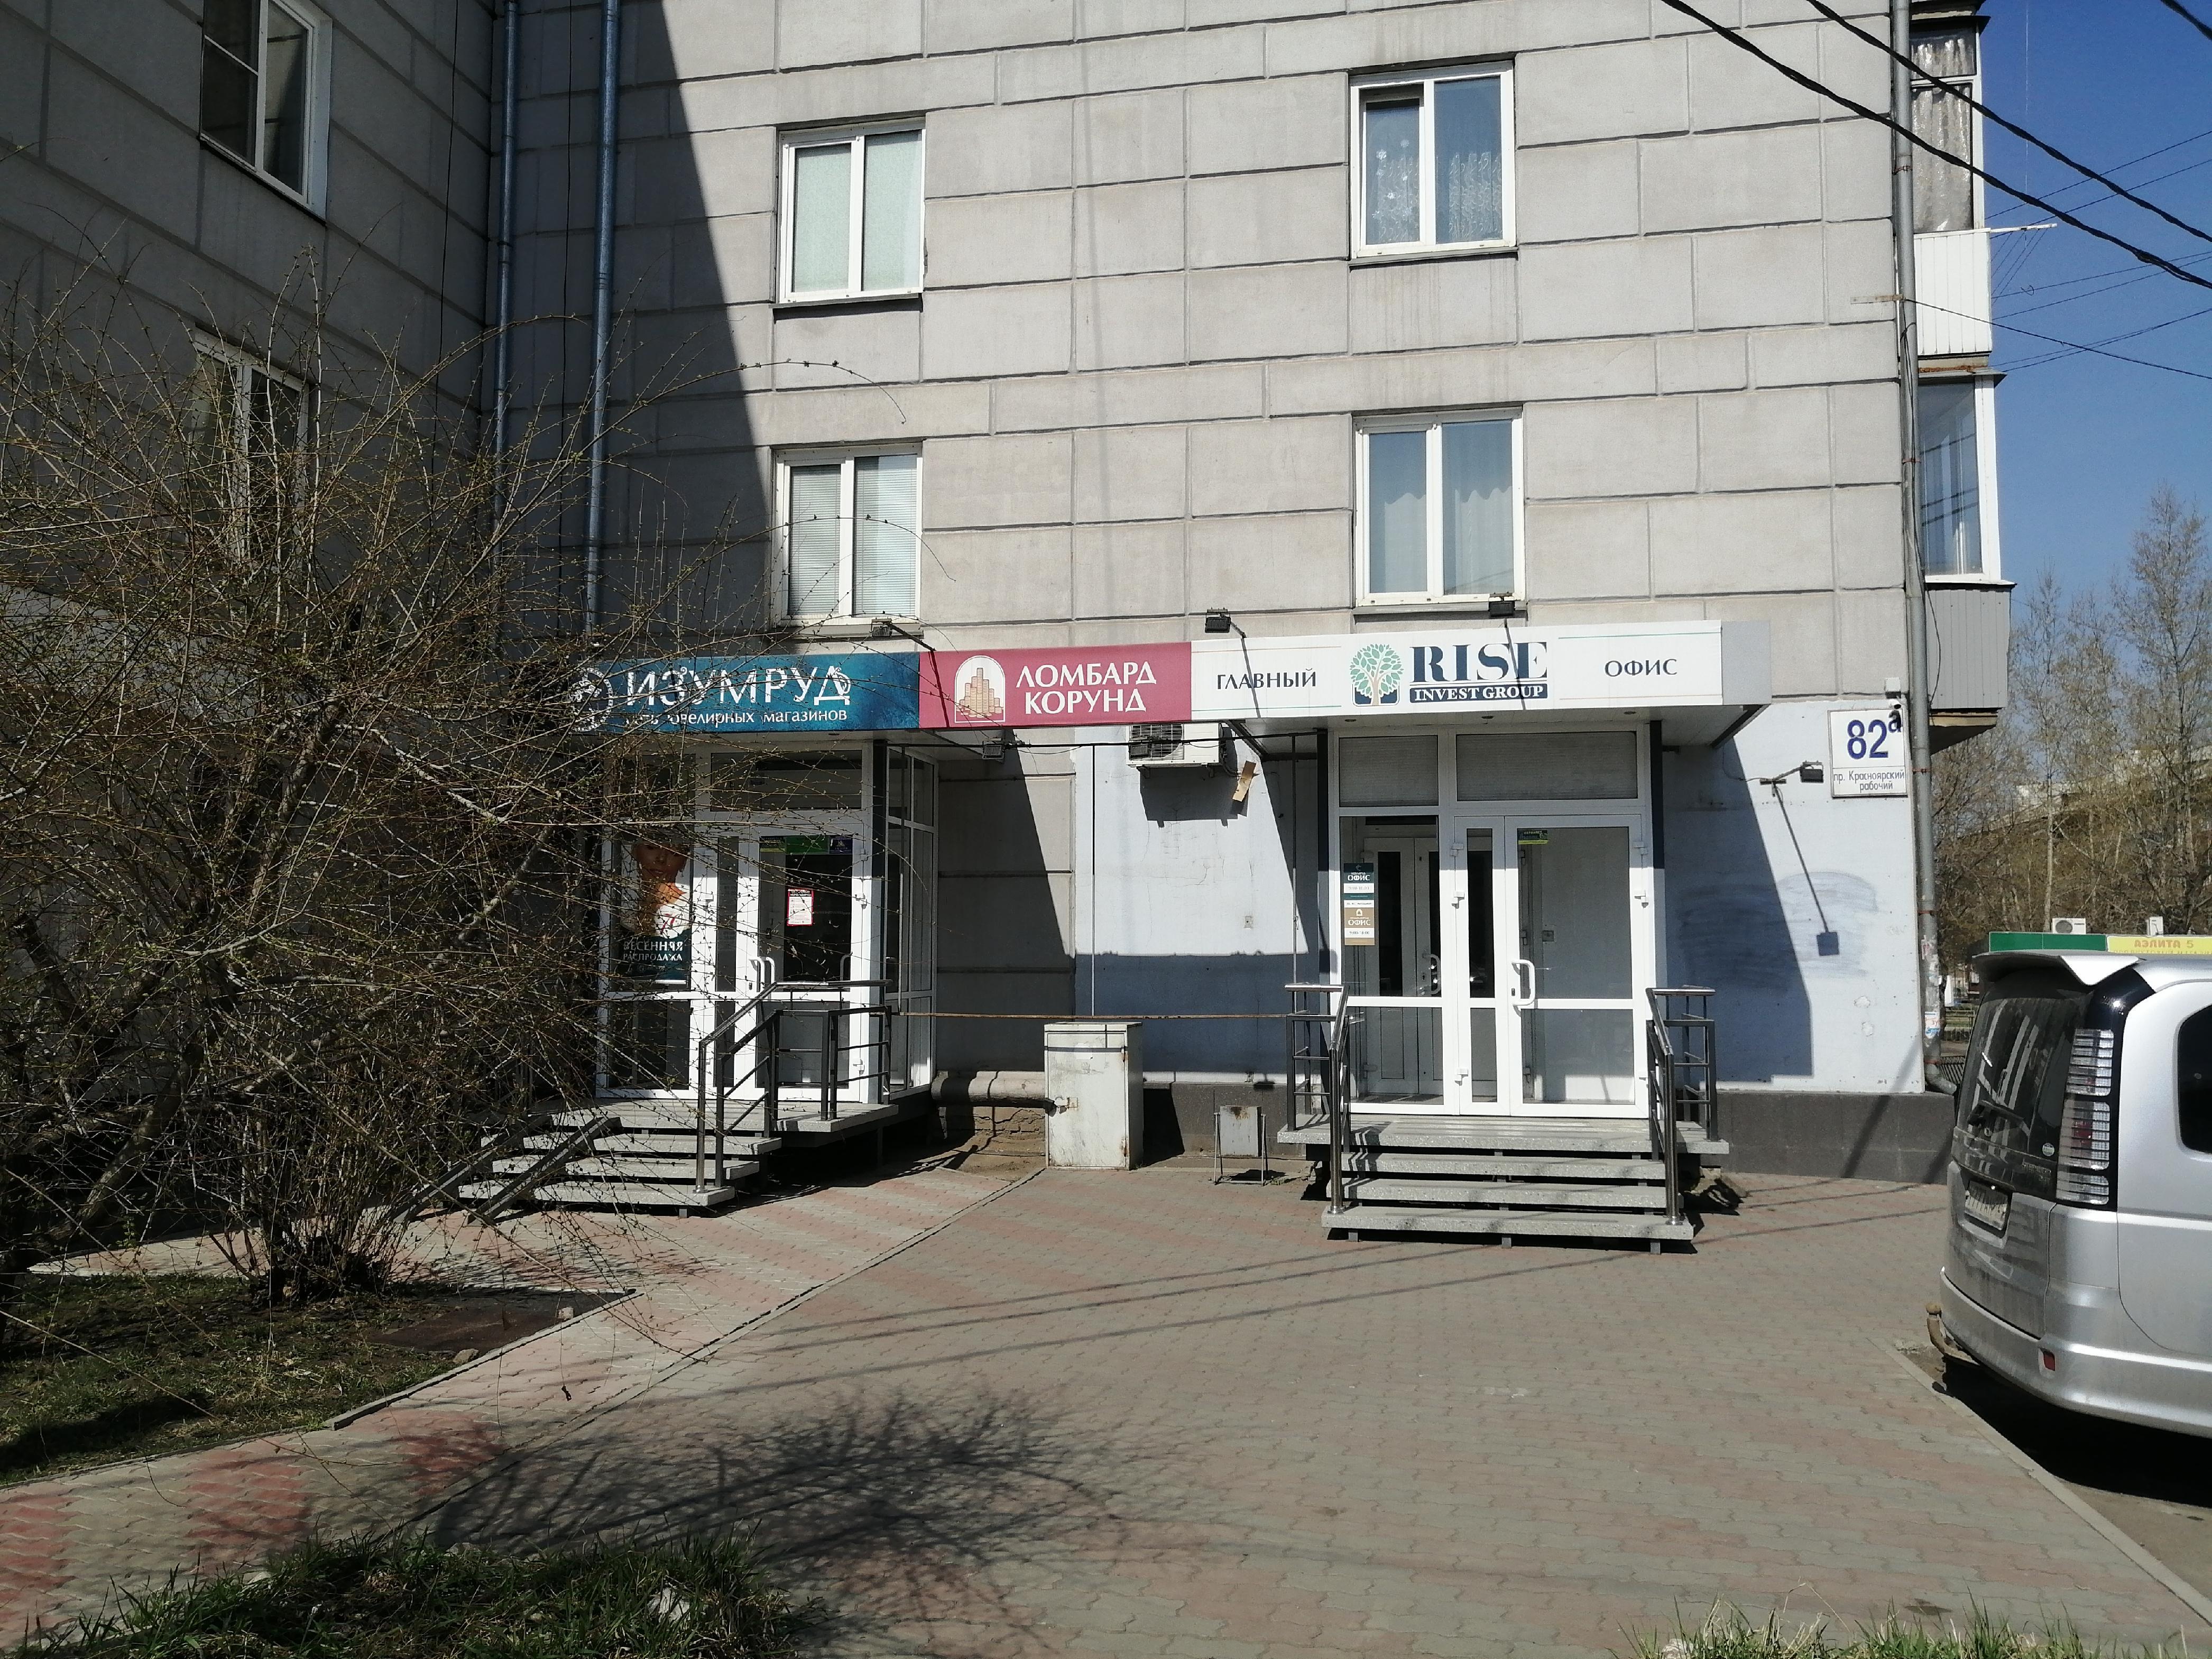 Автоломбарды красноярска распродажа какие автосалоны в москве надежные по продаже авто с пробегом